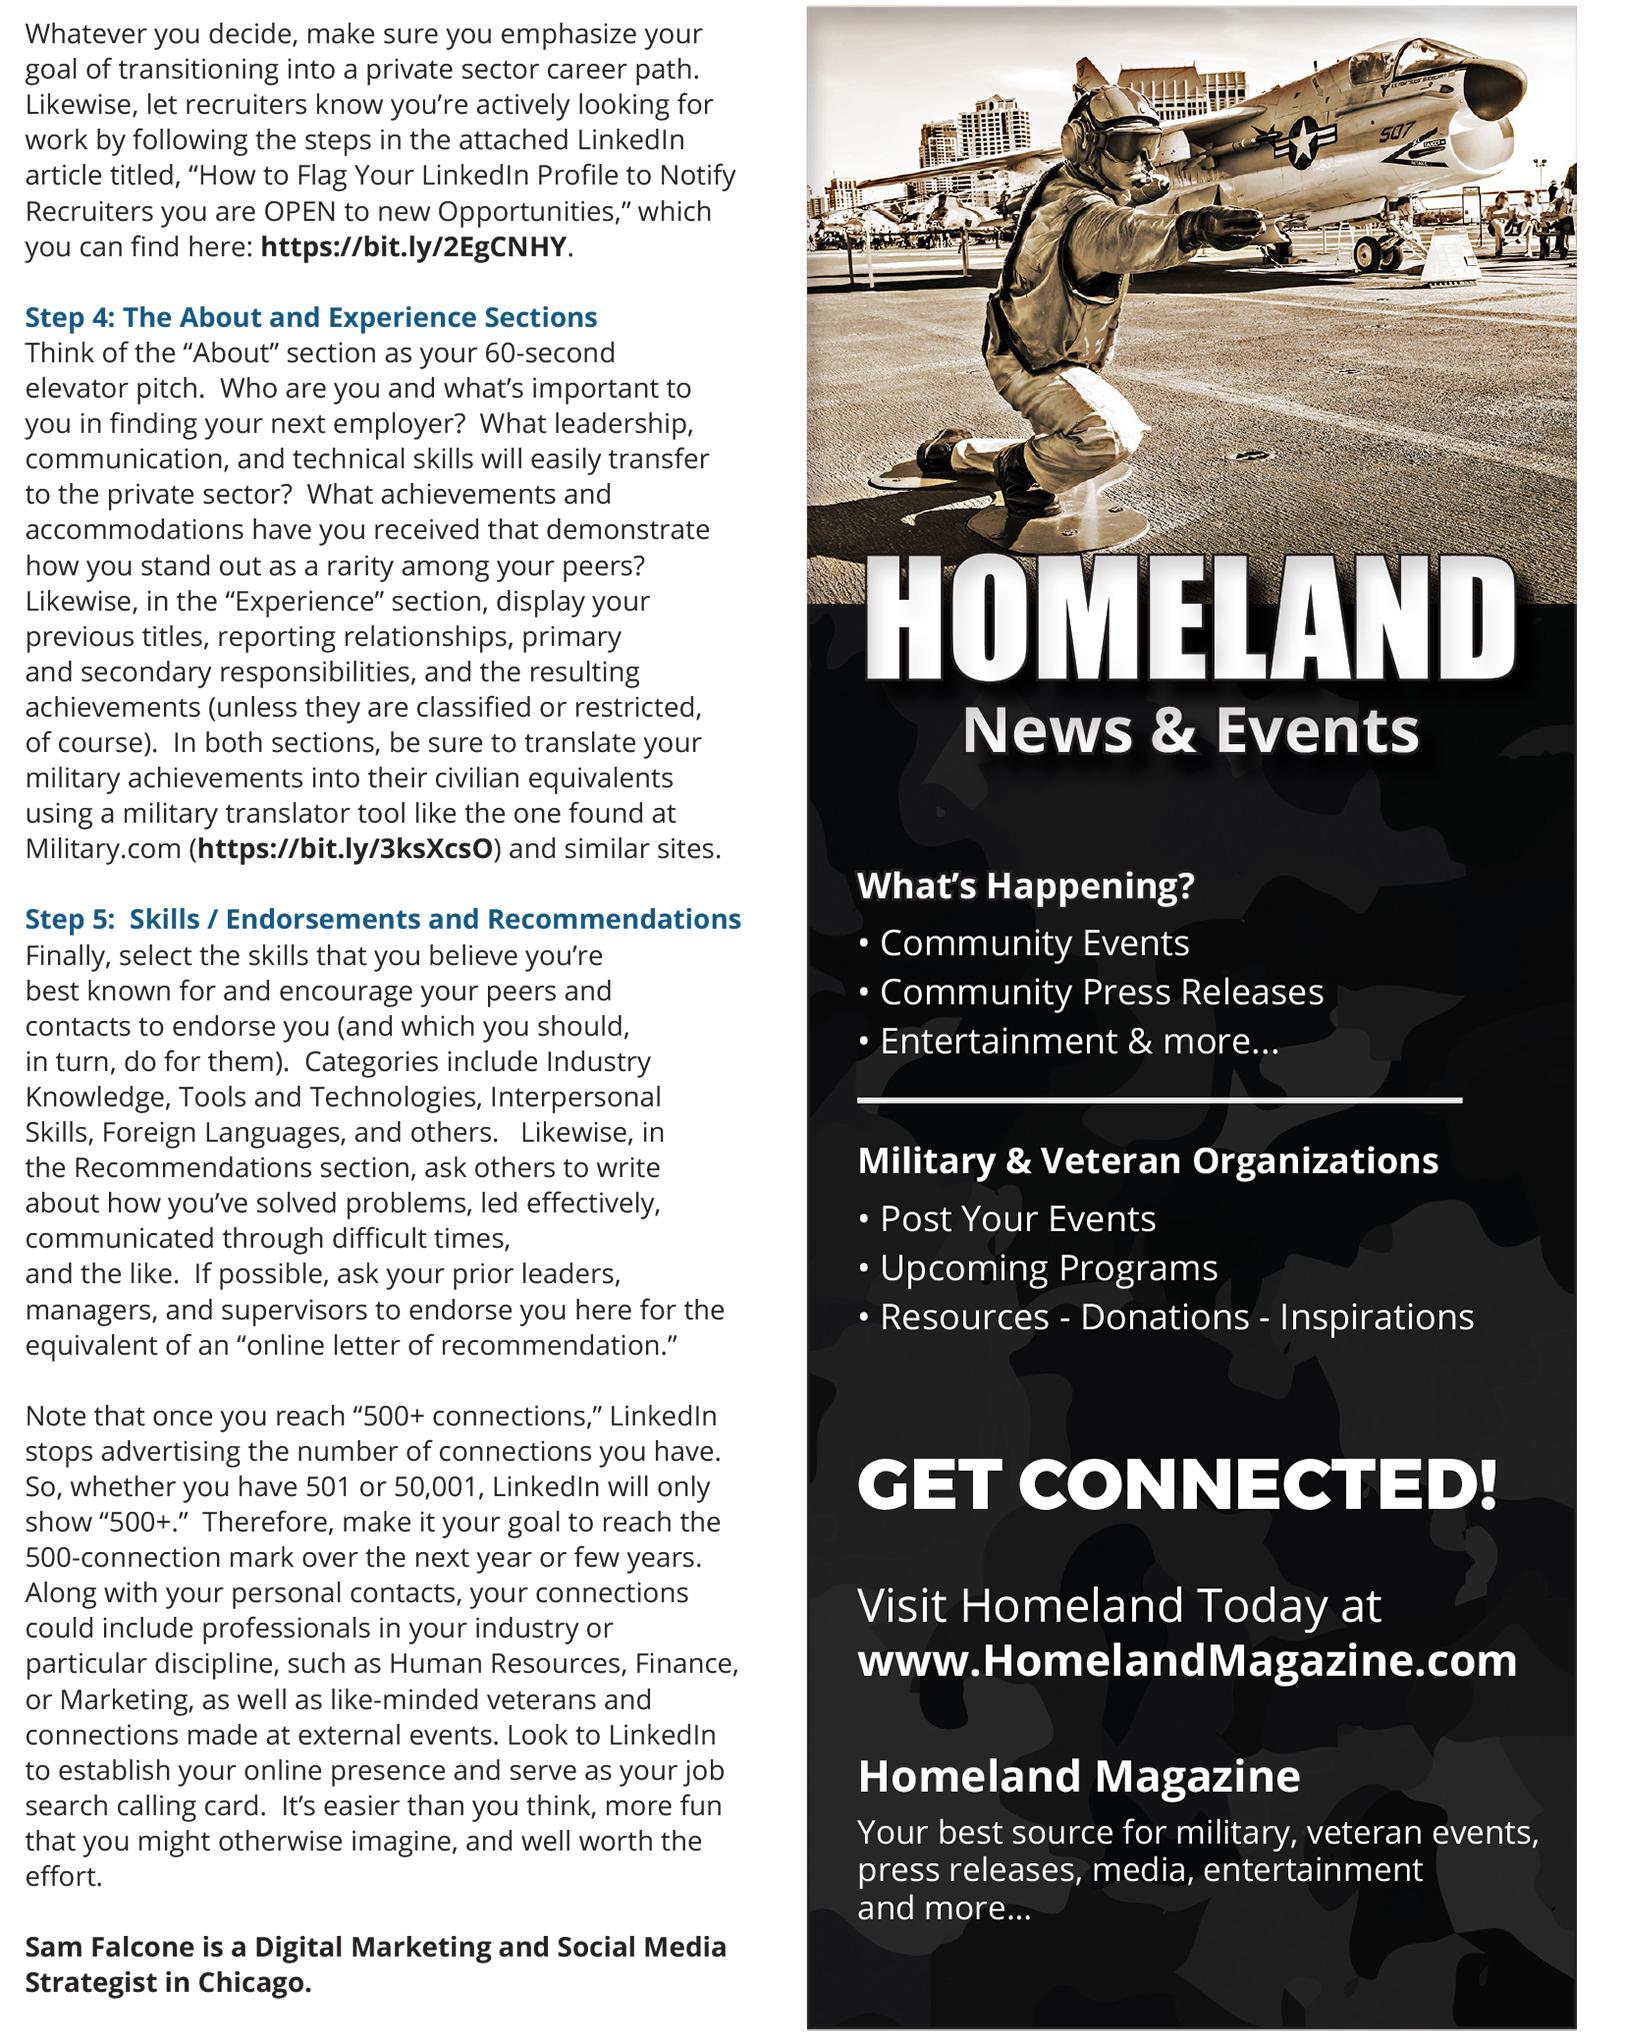 https://homelandmagazine.com/wp-content/uploads/2020/10/27l.jpg